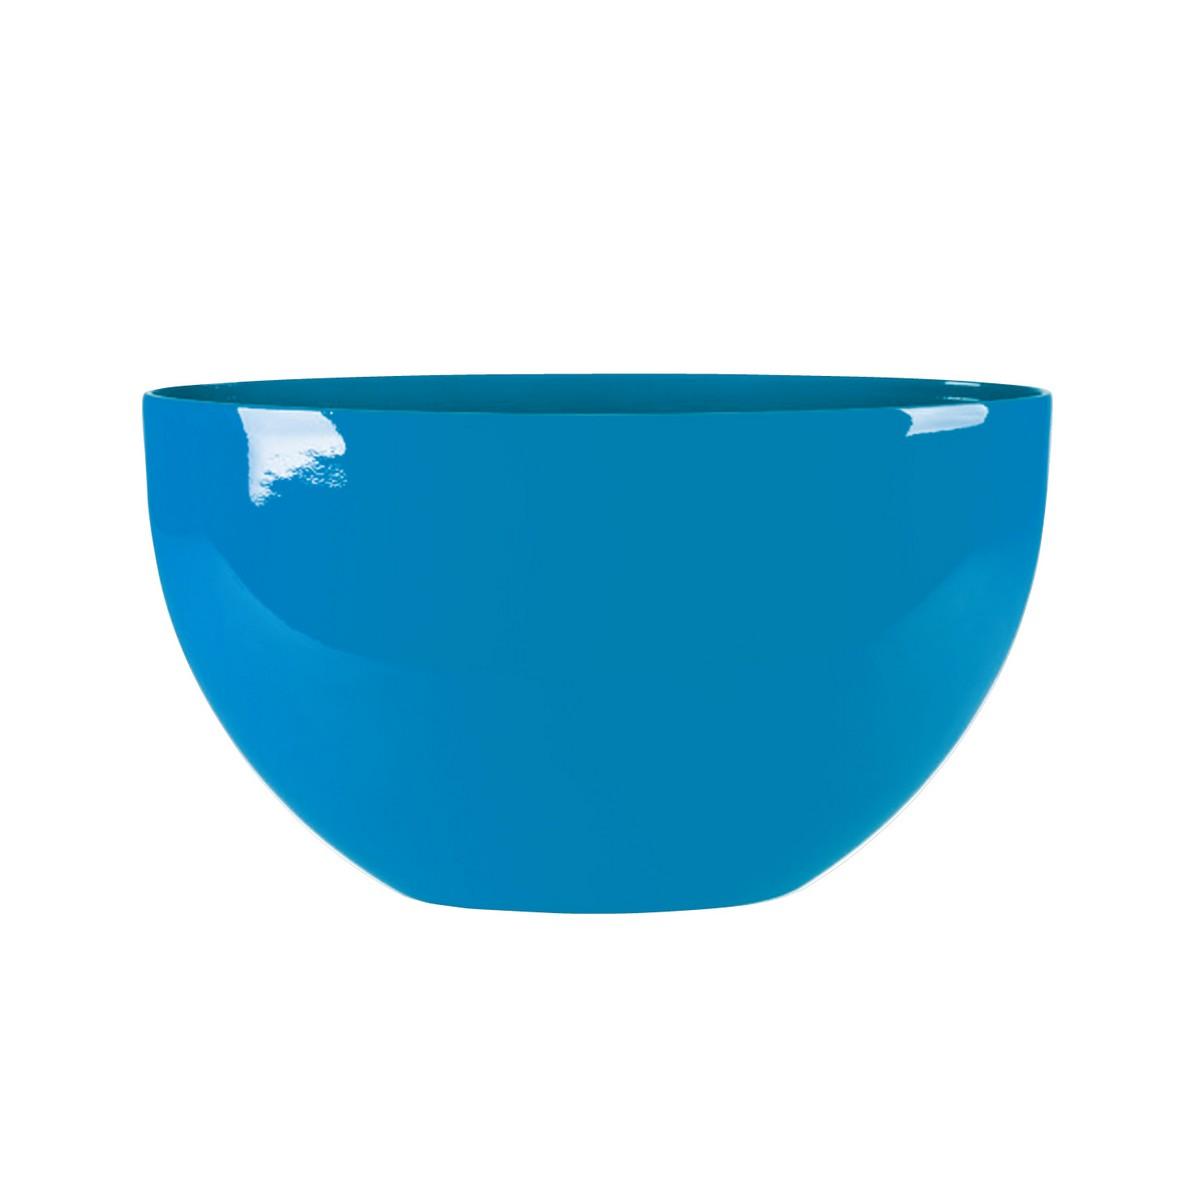 【直送】ヴォーグプランター ブルー/182-49-66 ※返品・代引・キャンセル不可【01】